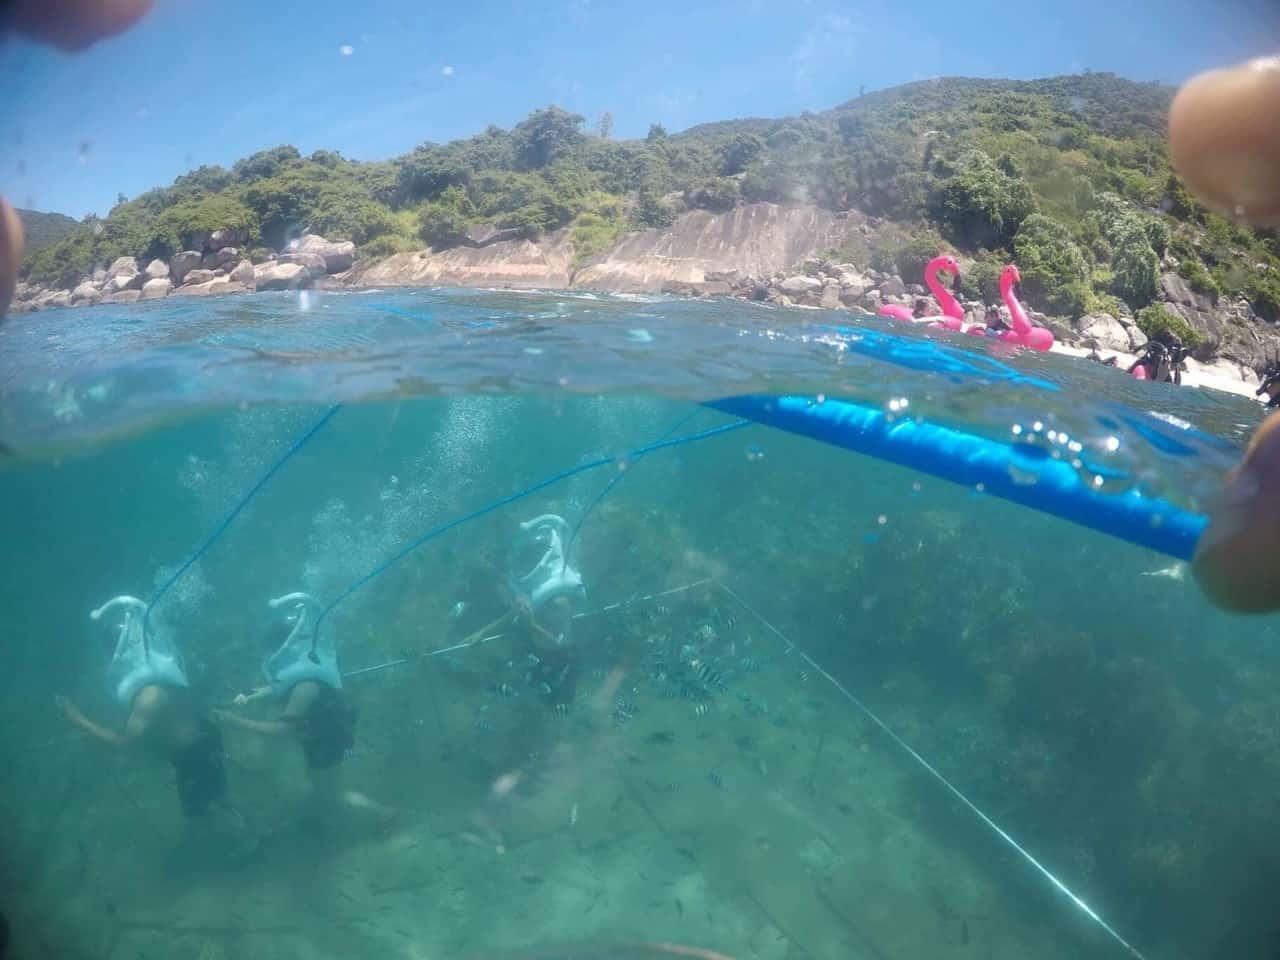 Lặn biển tại Cù Lao Chàm